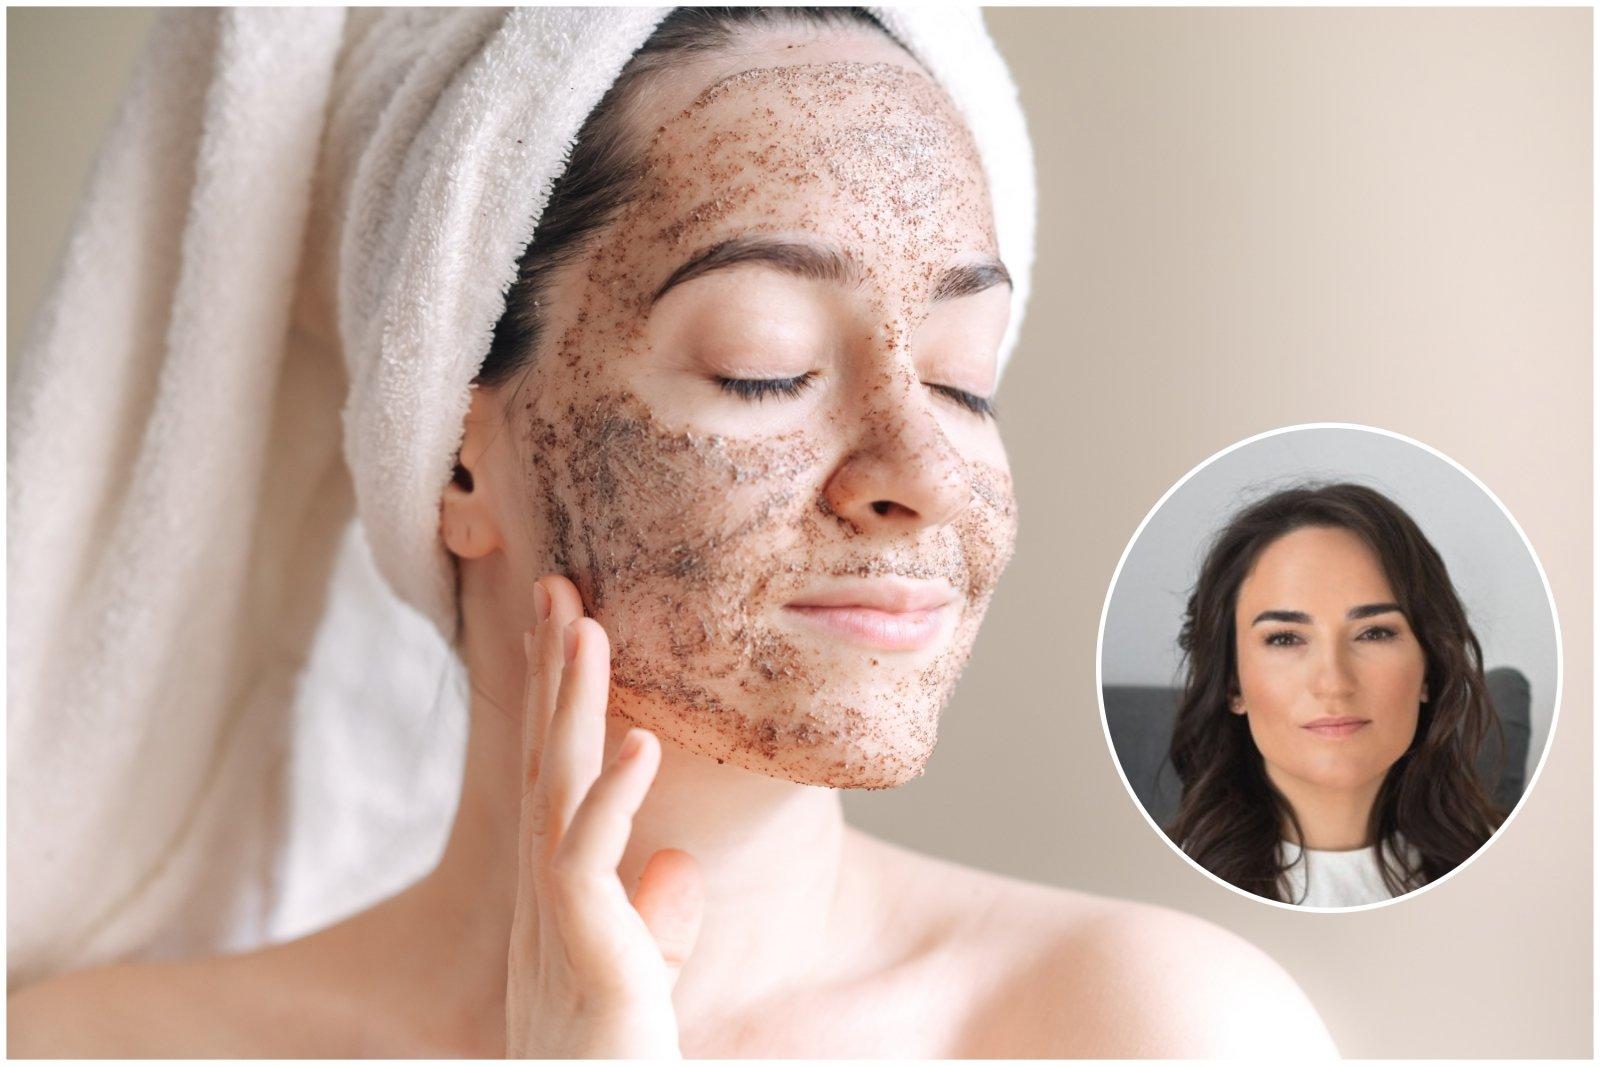 Kosmetologai ir kosmetikai: kuo jie skiriasi?